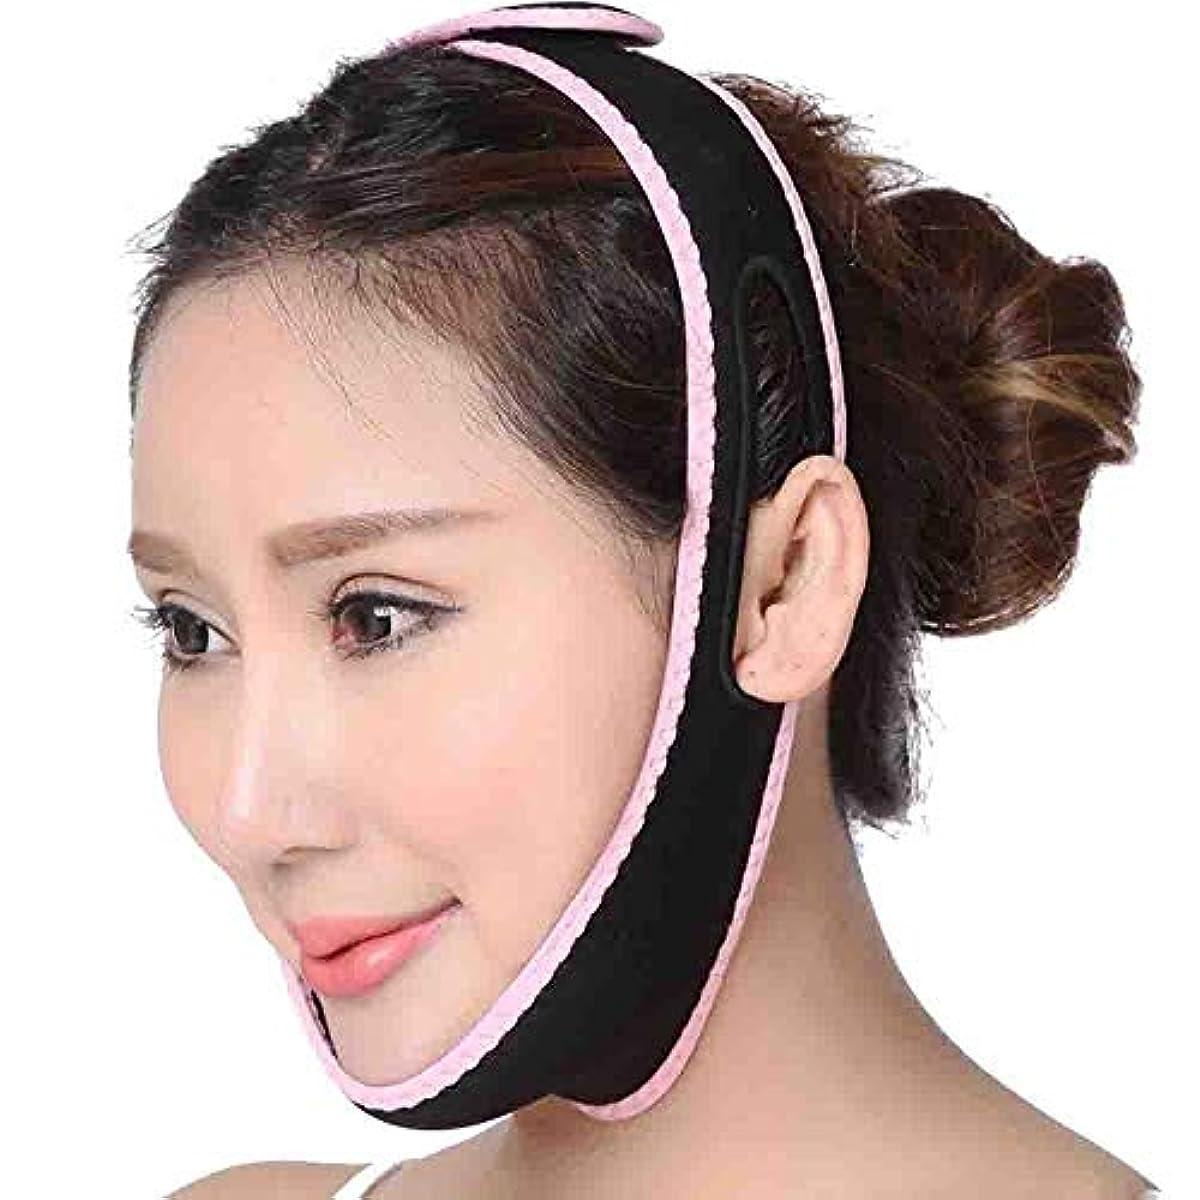 原稿圧縮水っぽいフェイスリフティング包帯、顔の矯正V字型で肌の弾力性を高めます (Color : Black)